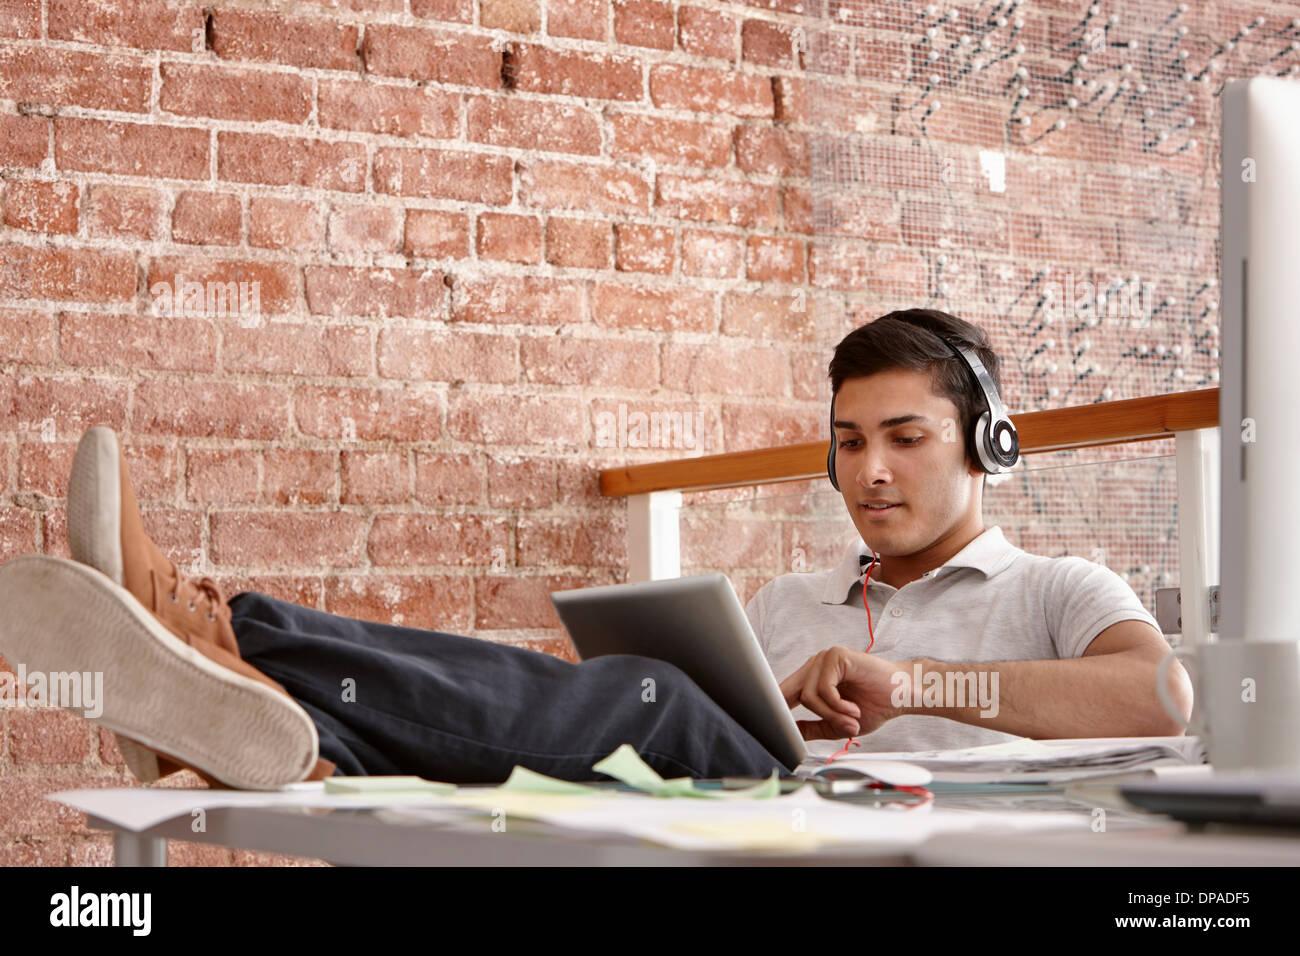 Joven mediante tableta digital usando audífonos, pies arriba Imagen De Stock